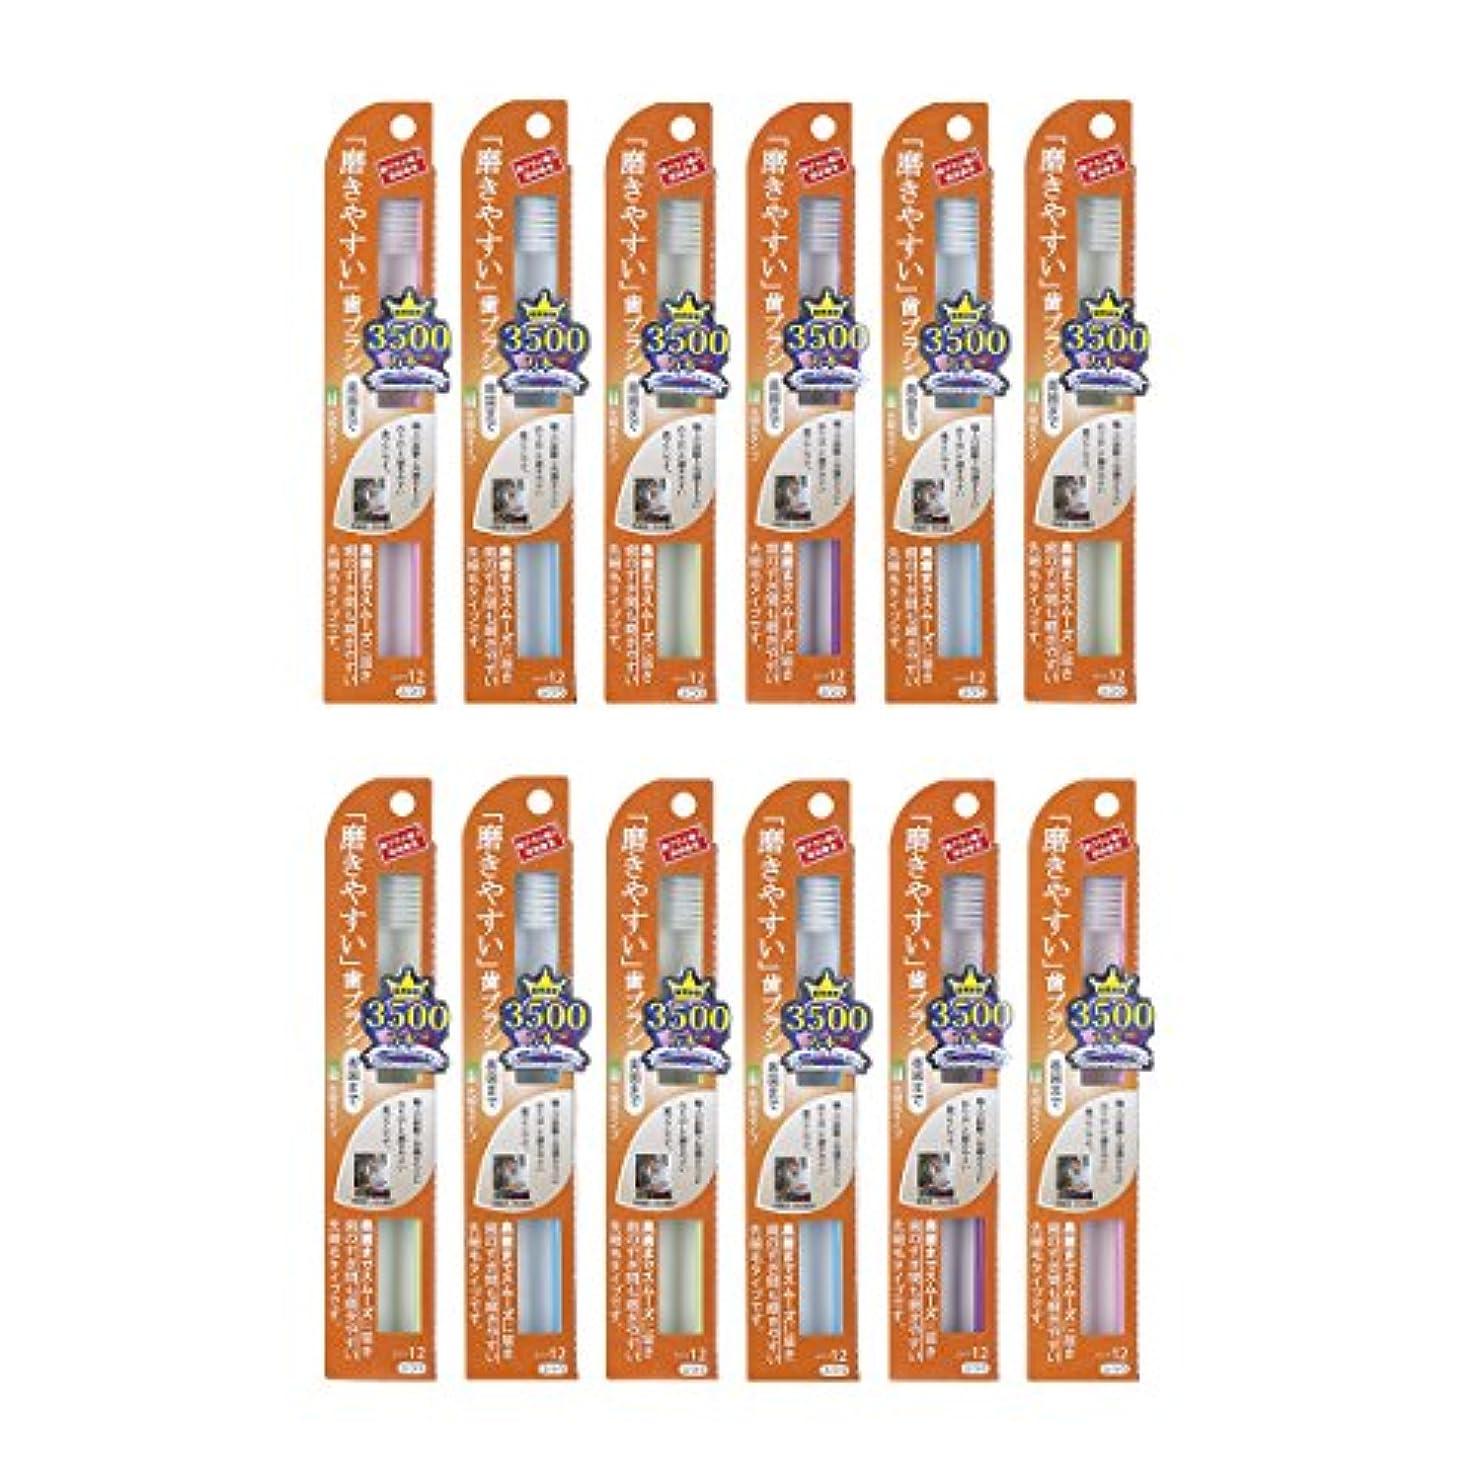 泥ハード有能な歯ブラシ職人Artooth ®田辺重吉 日本製 磨きやすい歯ブラシ(奥歯まで)先細毛タイプ LT-12 (12本パック)